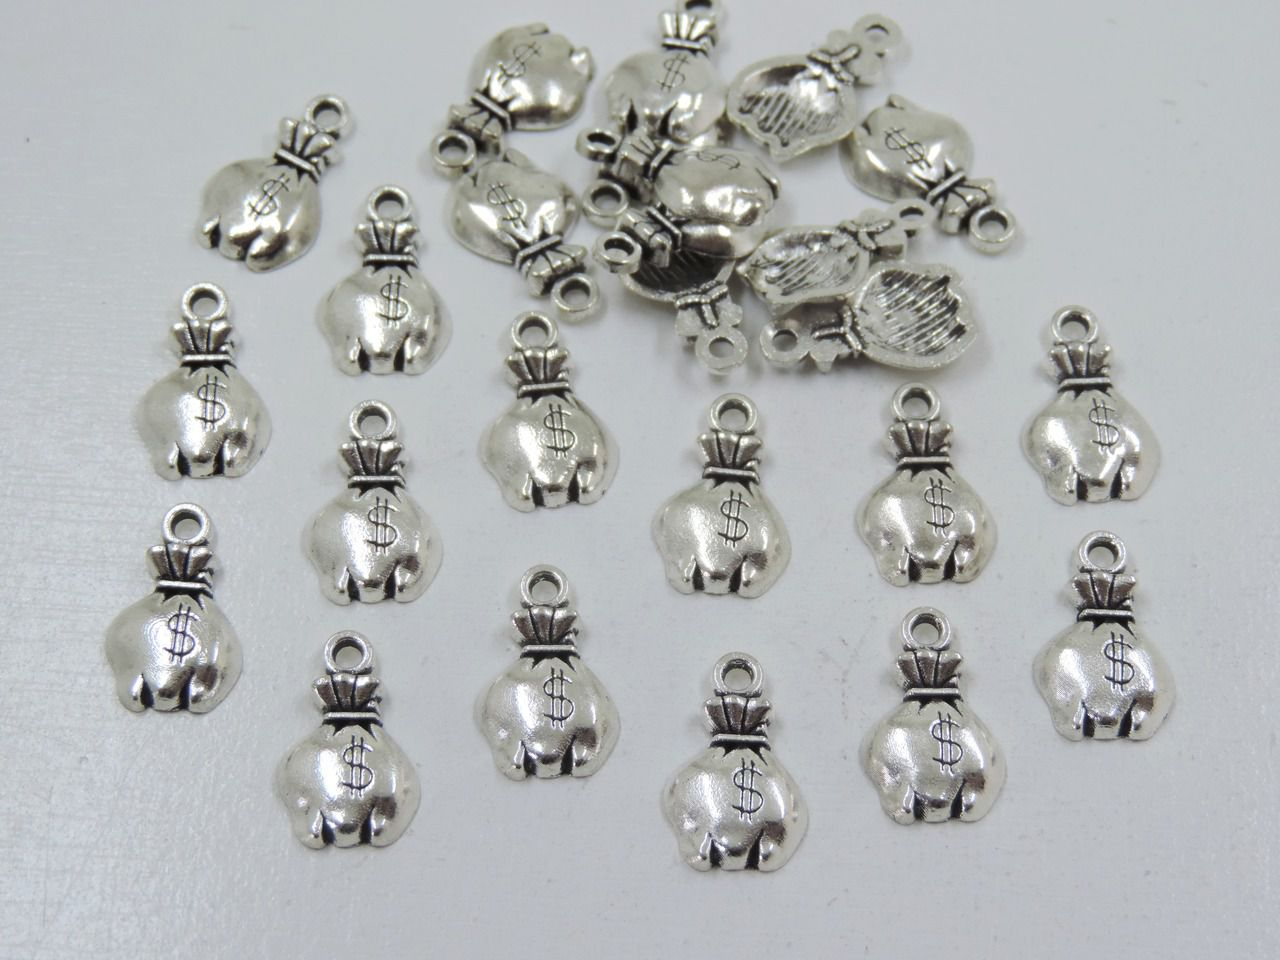 pingente saco de dinheiro prata 10x20mm 24 unidades